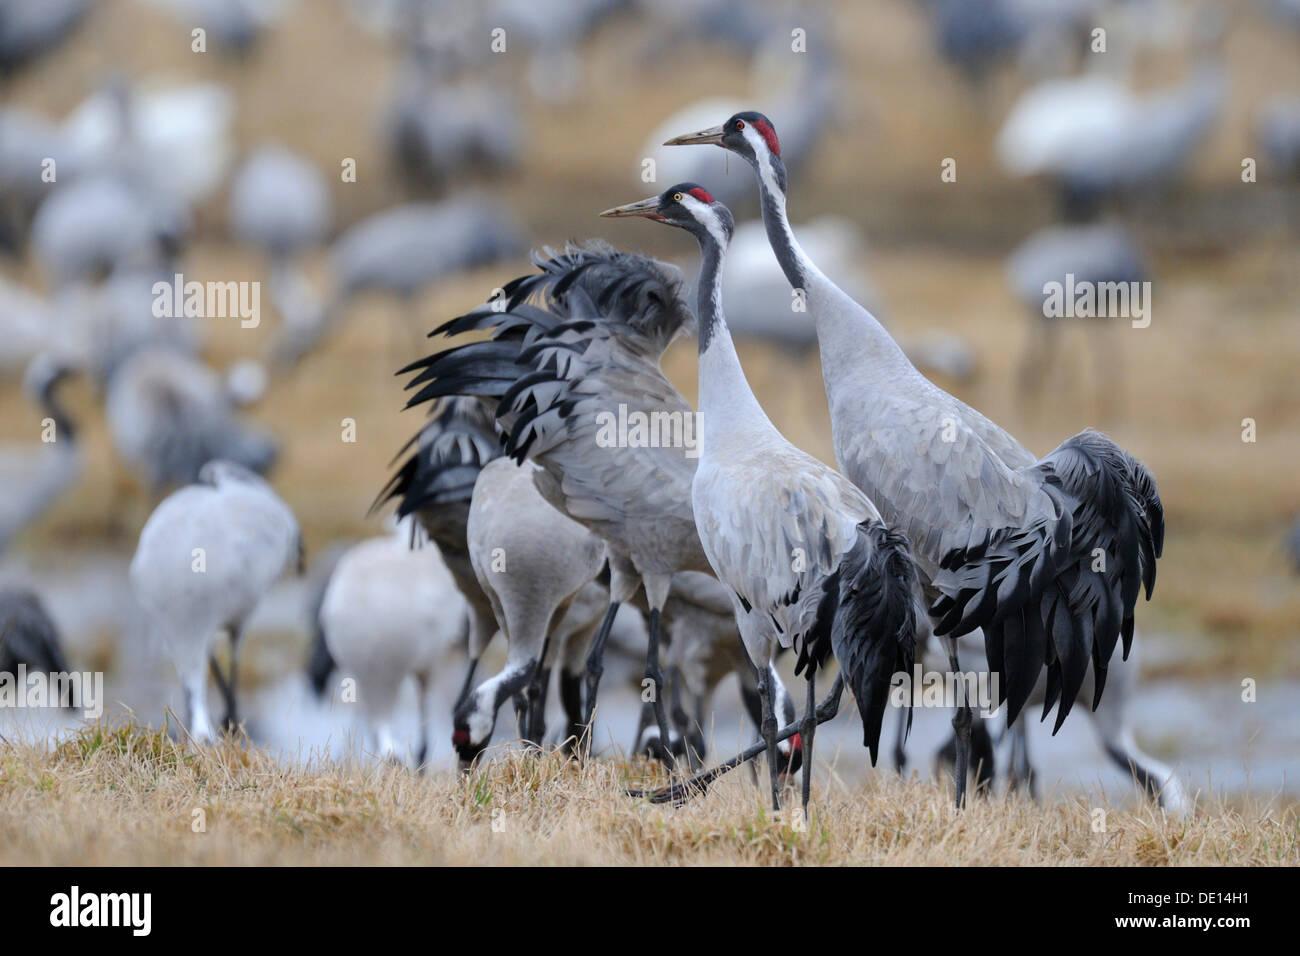 Common or Eurasian Cranes (Grus grus), at roost, dominant breeding pair striding at front, Lake Hornborga, Hornborgasjoen - Stock Image